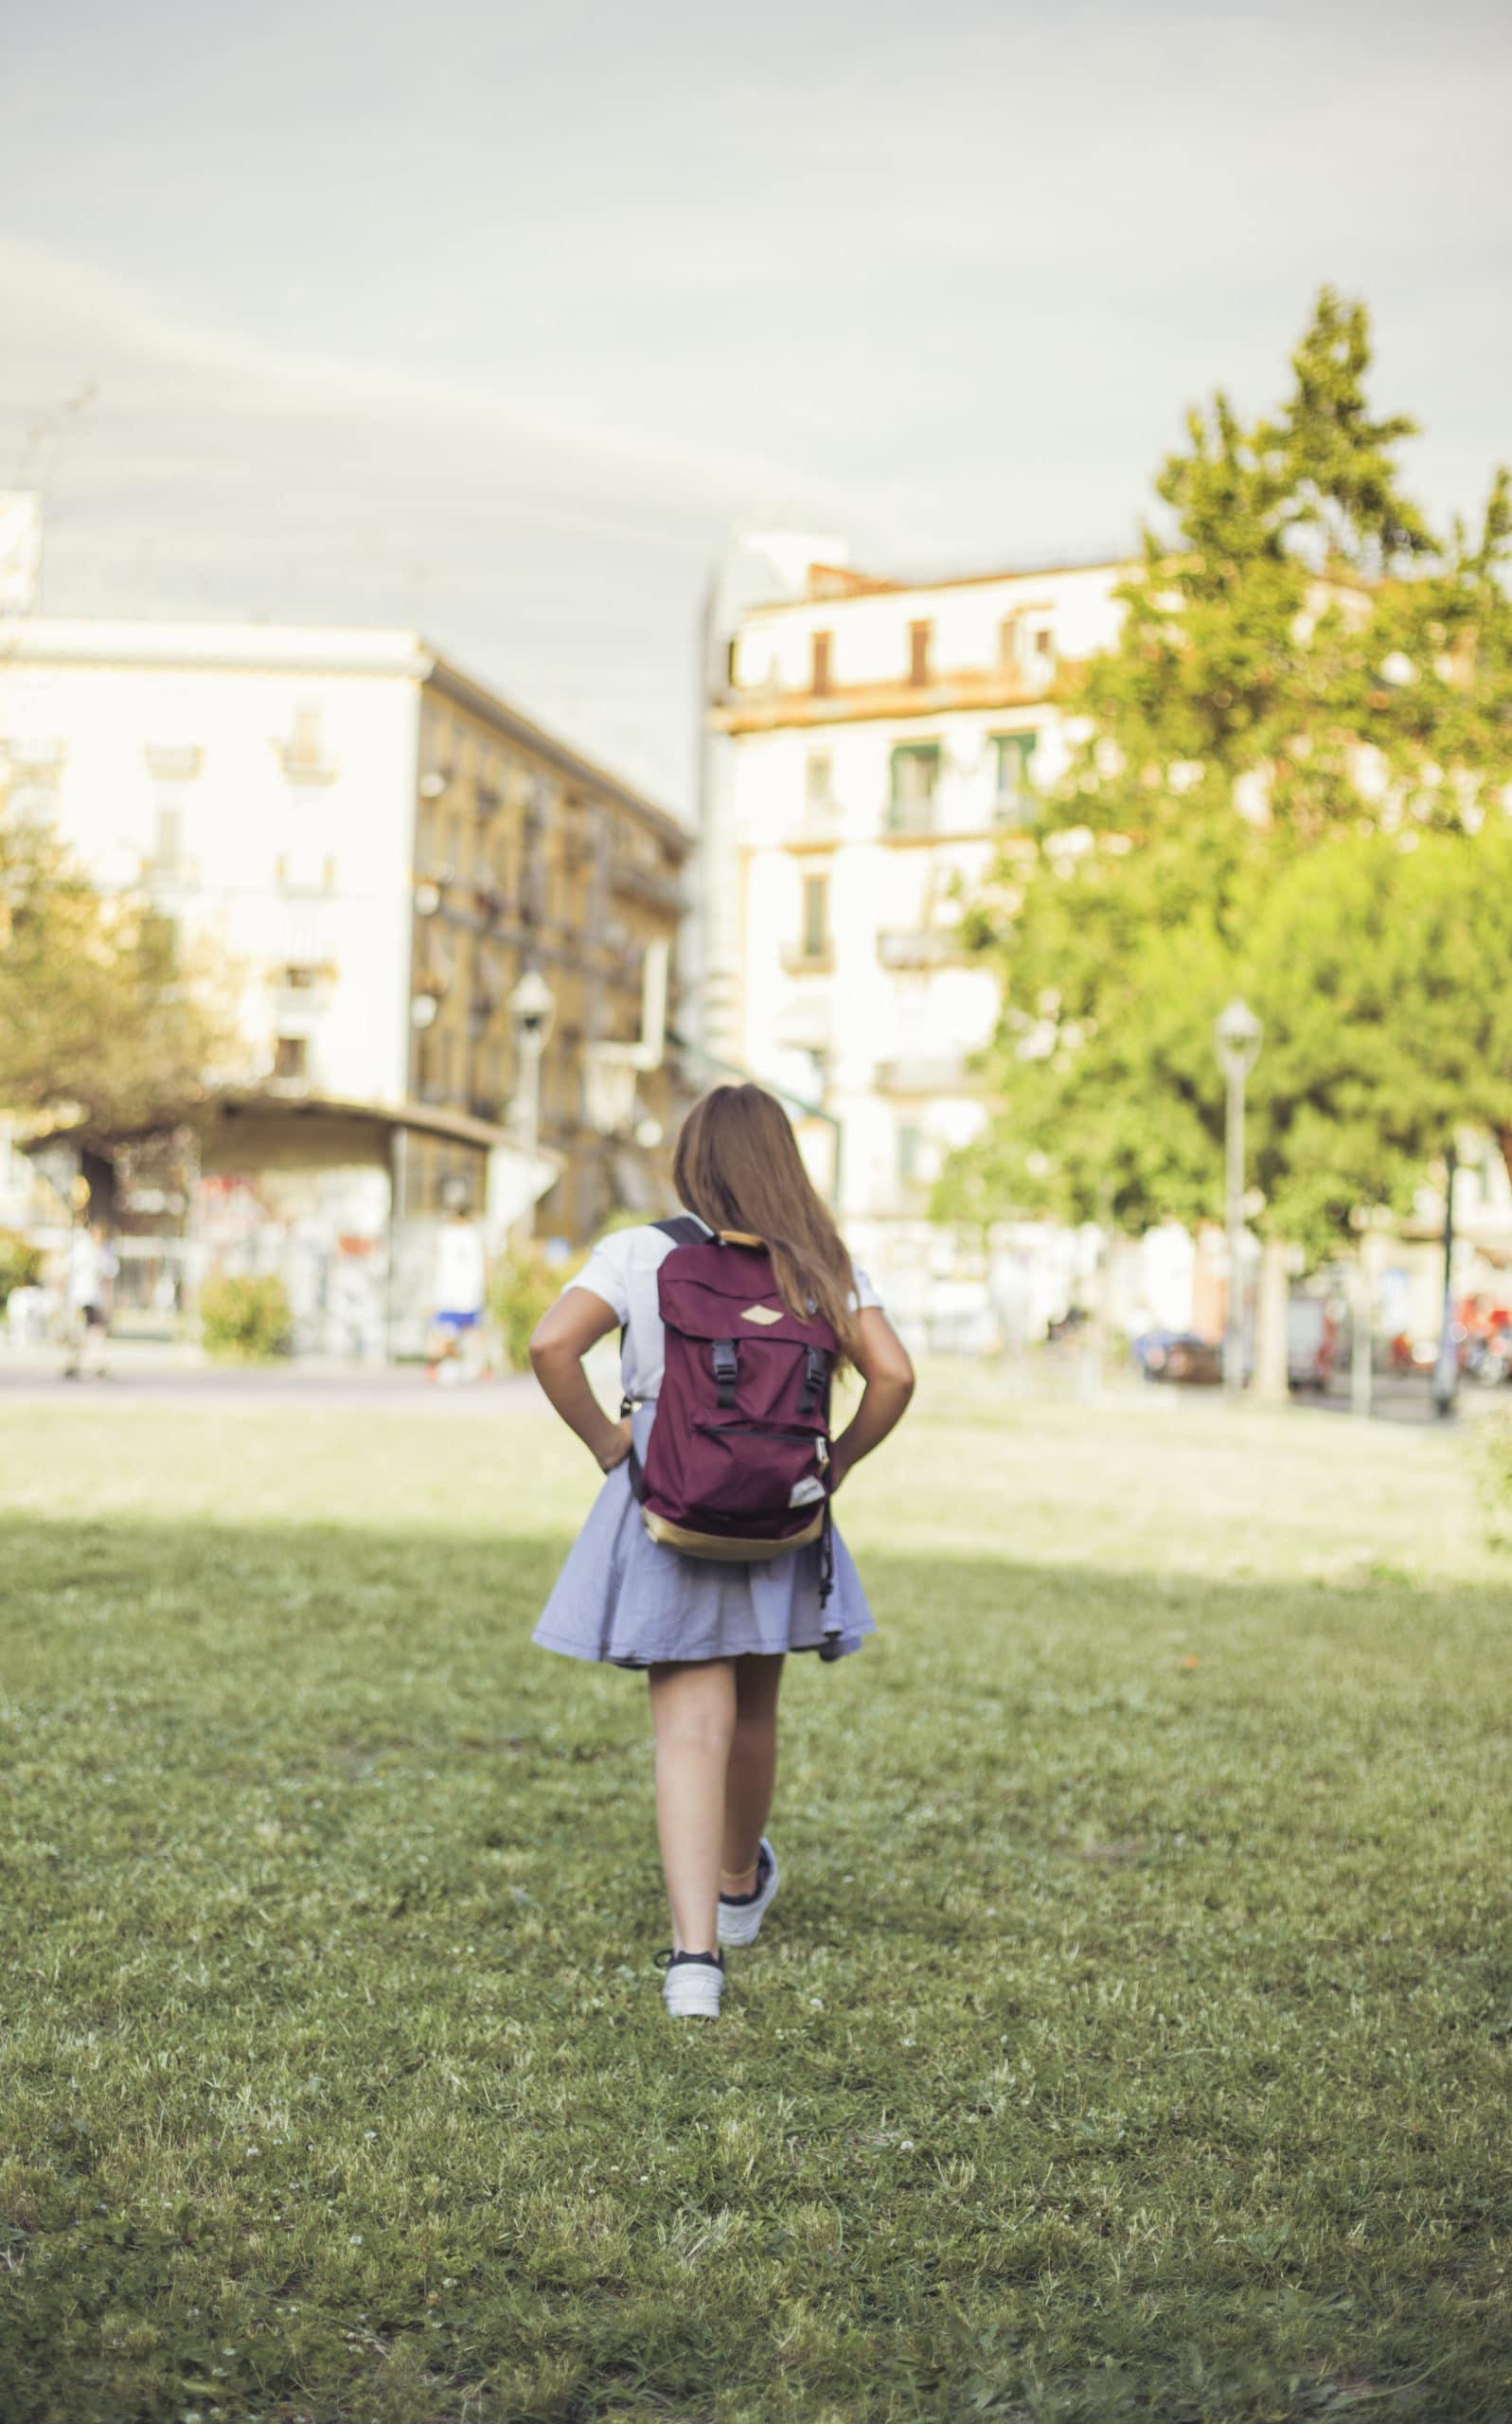 Garde périscolaire : petite fille sortant de l'école